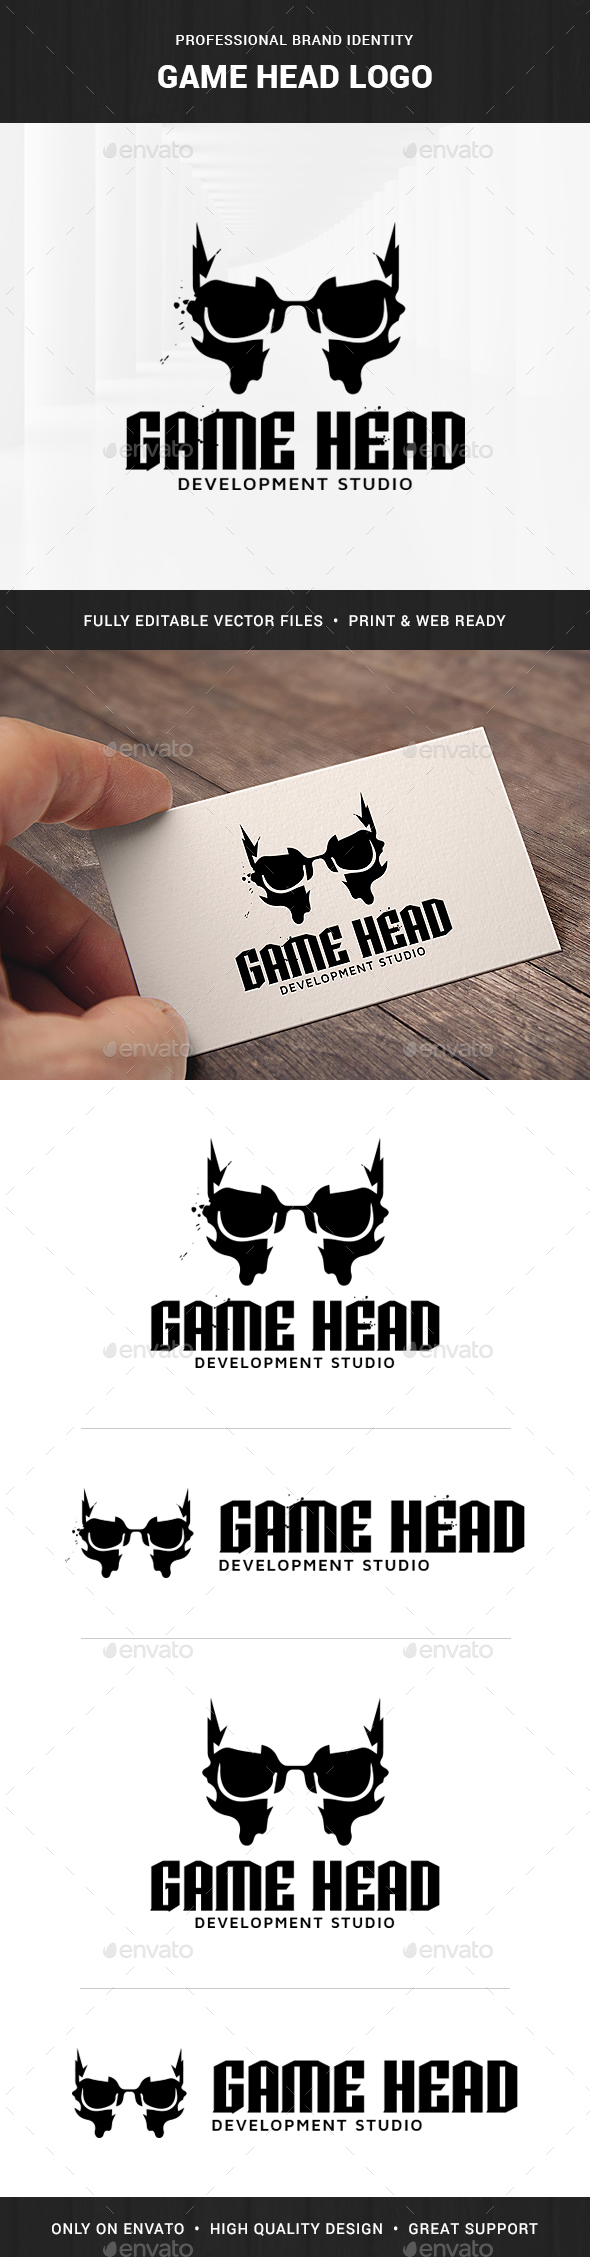 Game Head Logo - Vector Abstract